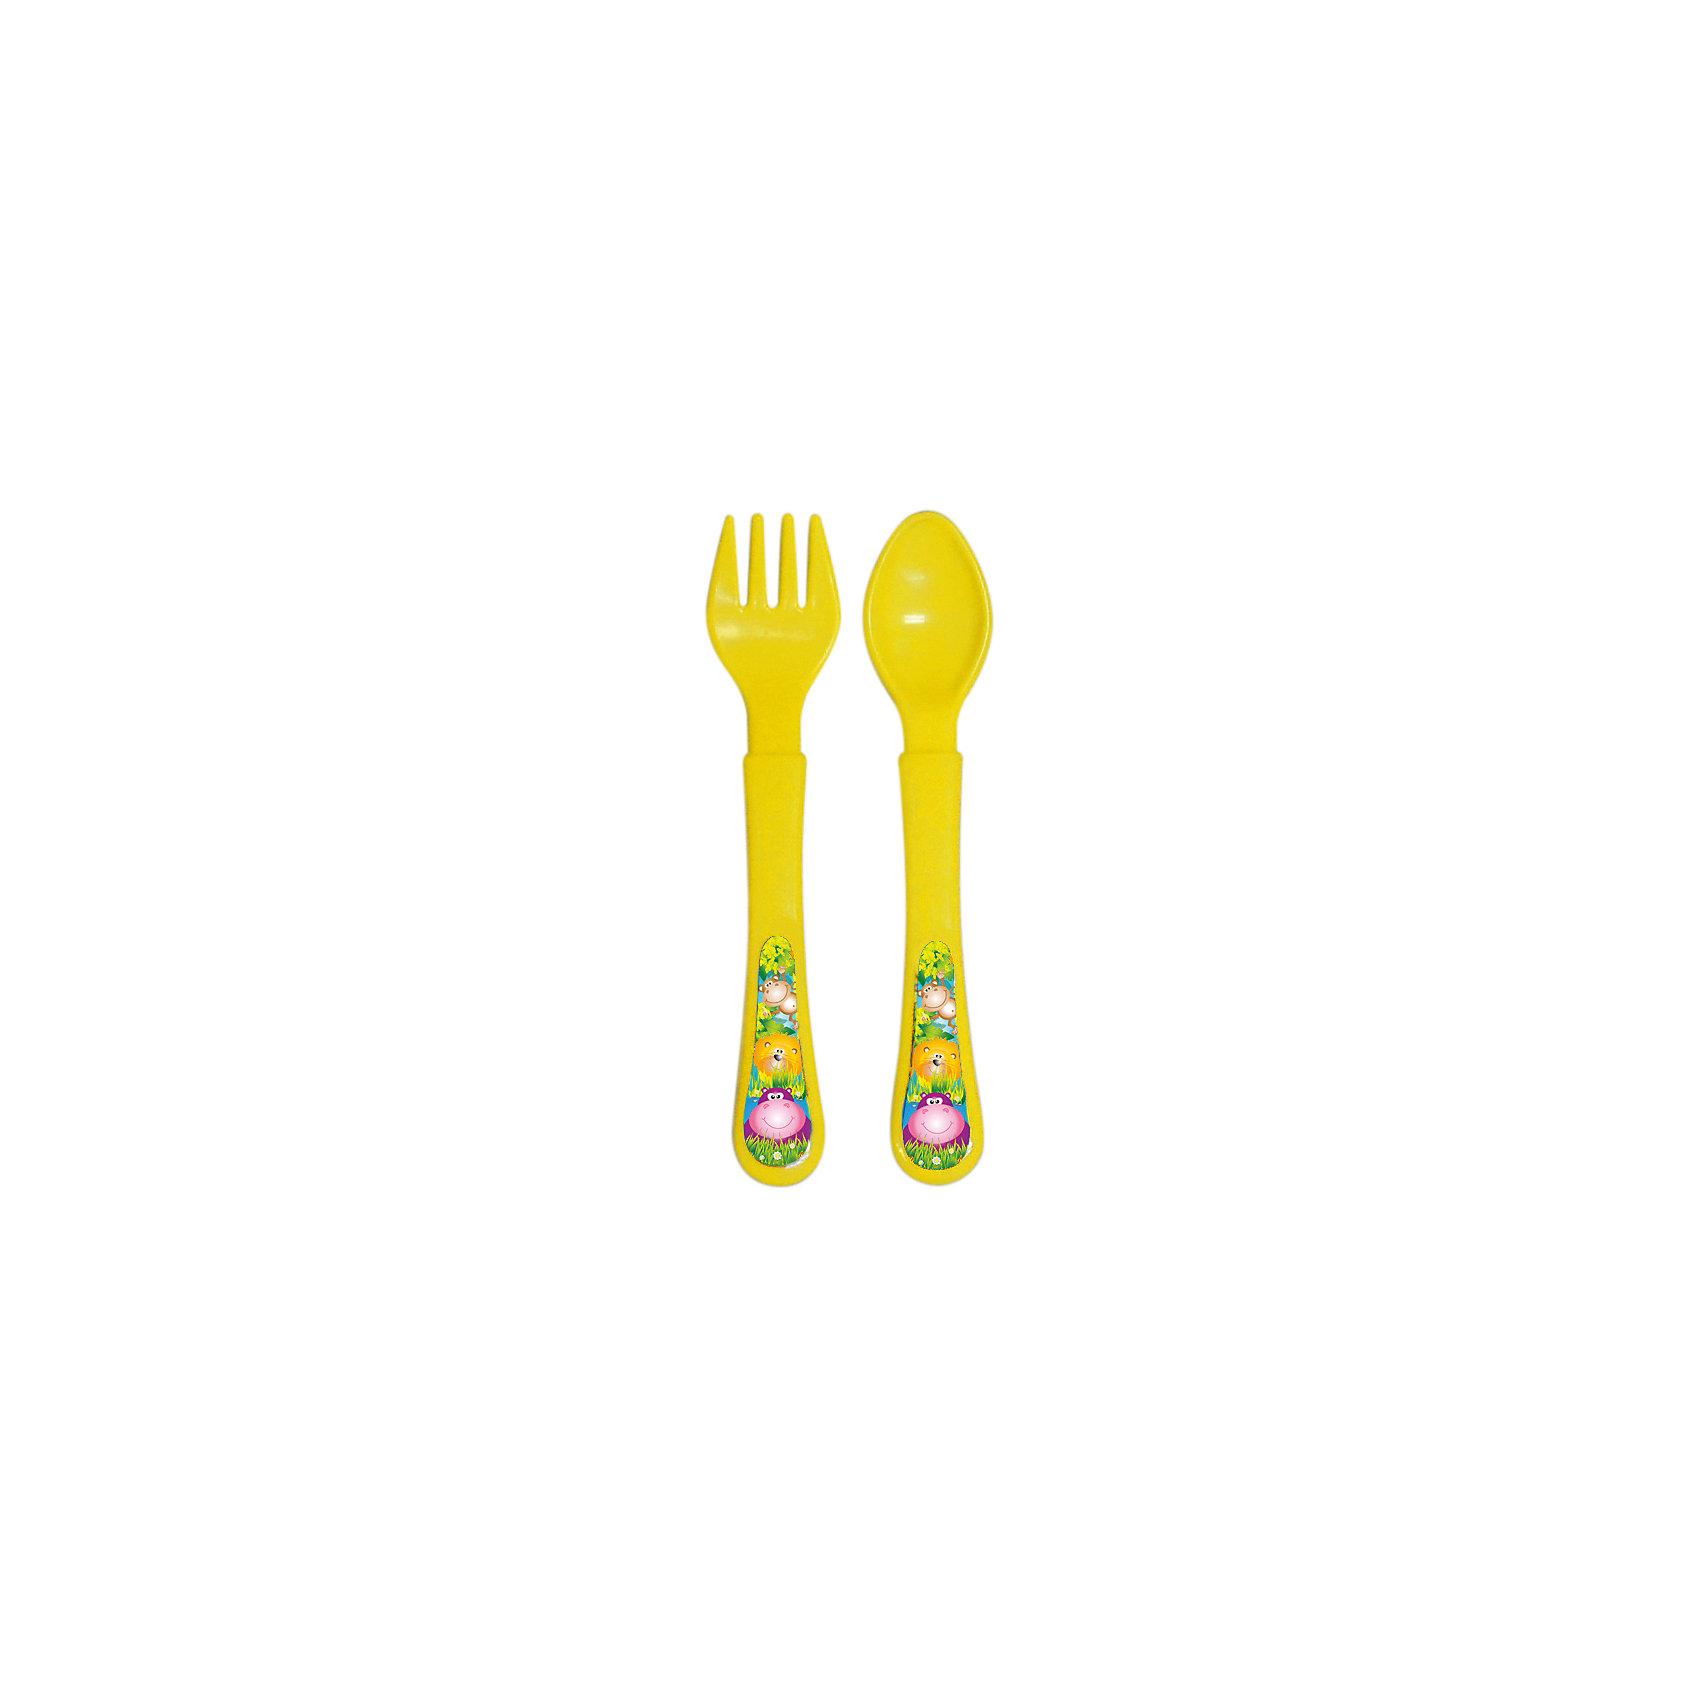 Набор: ложечка и вилочка, серия «Сафари», Kurnosiki, желтыйПосуда для малышей<br>Характеристики:<br><br>• Наименование: столовые приборы<br>• Материал: пластик<br>• Пол: универсальный<br>• Цвет: жёлтый<br>• Тематика рисунка: животные сафари<br>• Комплектация: ложка, вилка<br>• У вилки закругленные зубцы<br>• Удобные ручки<br>• Отсутствие острых краев<br>• Вес: 40 г<br>• Параметры (Д*Ш*В): 20*3*10 см <br>• Особенности ухода: разрешается мыть в посудомоечной машине<br><br>Набор: ложечка и вилочка, серия «Сафари», Kurnosiki, зеленый состоит из двух столовых приборов, выполненных из безопасного и ударопрочного пластика, что обеспечивает их гигиену. У вилки зубцы закругленные, ручки у изделий средней ширины, округлые, что делает из безопасными для маленьких детей. <br><br>Набор: ложечка и вилочка, серия «Сафари», Kurnosiki, зеленый выполнен в ярком дизайне: на ручках нанесены изображения животных сафари. Рисунок устойчивый, не стирается и не изменяет цвет даже при частом использовании. Набор столовых приборов от Курносиков позволит научить вашего малыша правильно пользоваться вилкой и ложкой без особого труда!<br><br>Набор: ложечка и вилочка, серия «Сафари», Kurnosiki, зеленый можно купить в нашем интернет-магазине.<br><br>Ширина мм: 20<br>Глубина мм: 90<br>Высота мм: 200<br>Вес г: 41<br>Возраст от месяцев: 4<br>Возраст до месяцев: 36<br>Пол: Унисекс<br>Возраст: Детский<br>SKU: 5428707